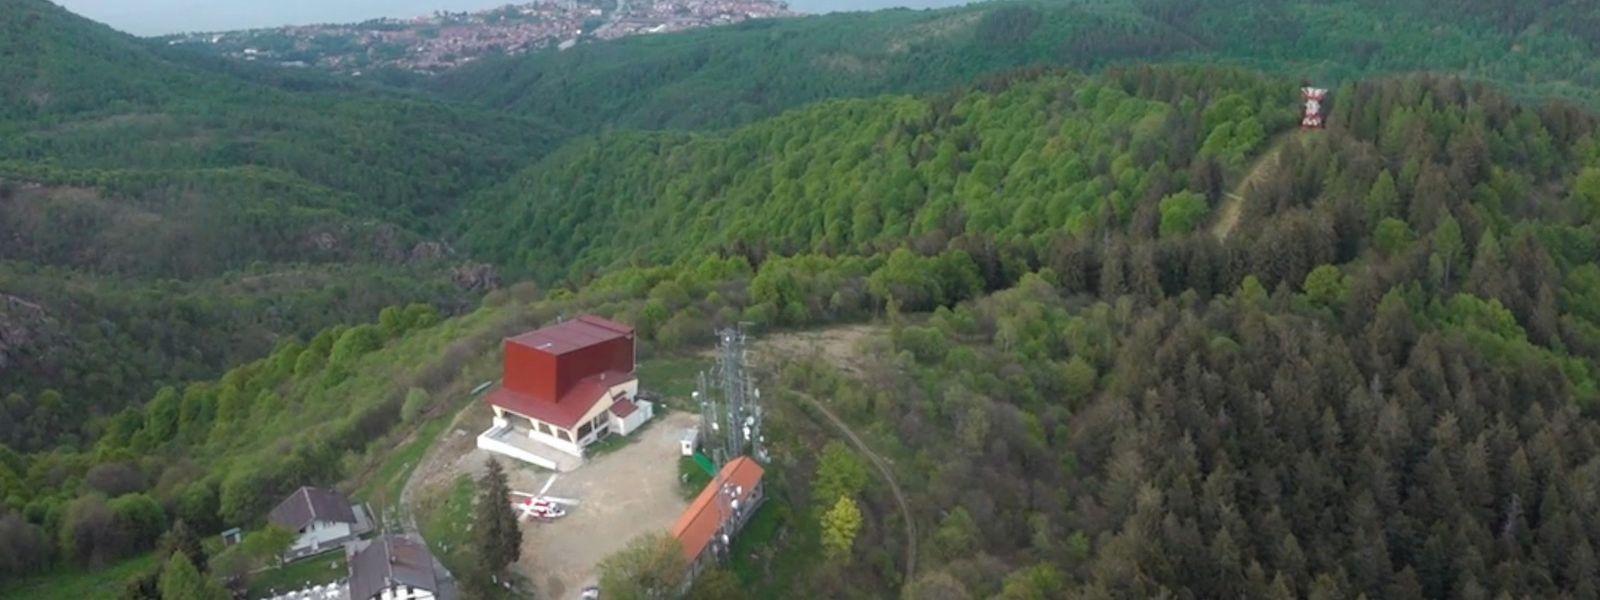 Eine Luftaufnahme der italienischen Feuerwehr zeigt im Vordergrund den Mottarone-Gipfel mit dem Ankunftsgebäude der Seilbahn. Im Hintergrund ist der Lago Maggiore mit dem Kurort Stresa zu sehen.